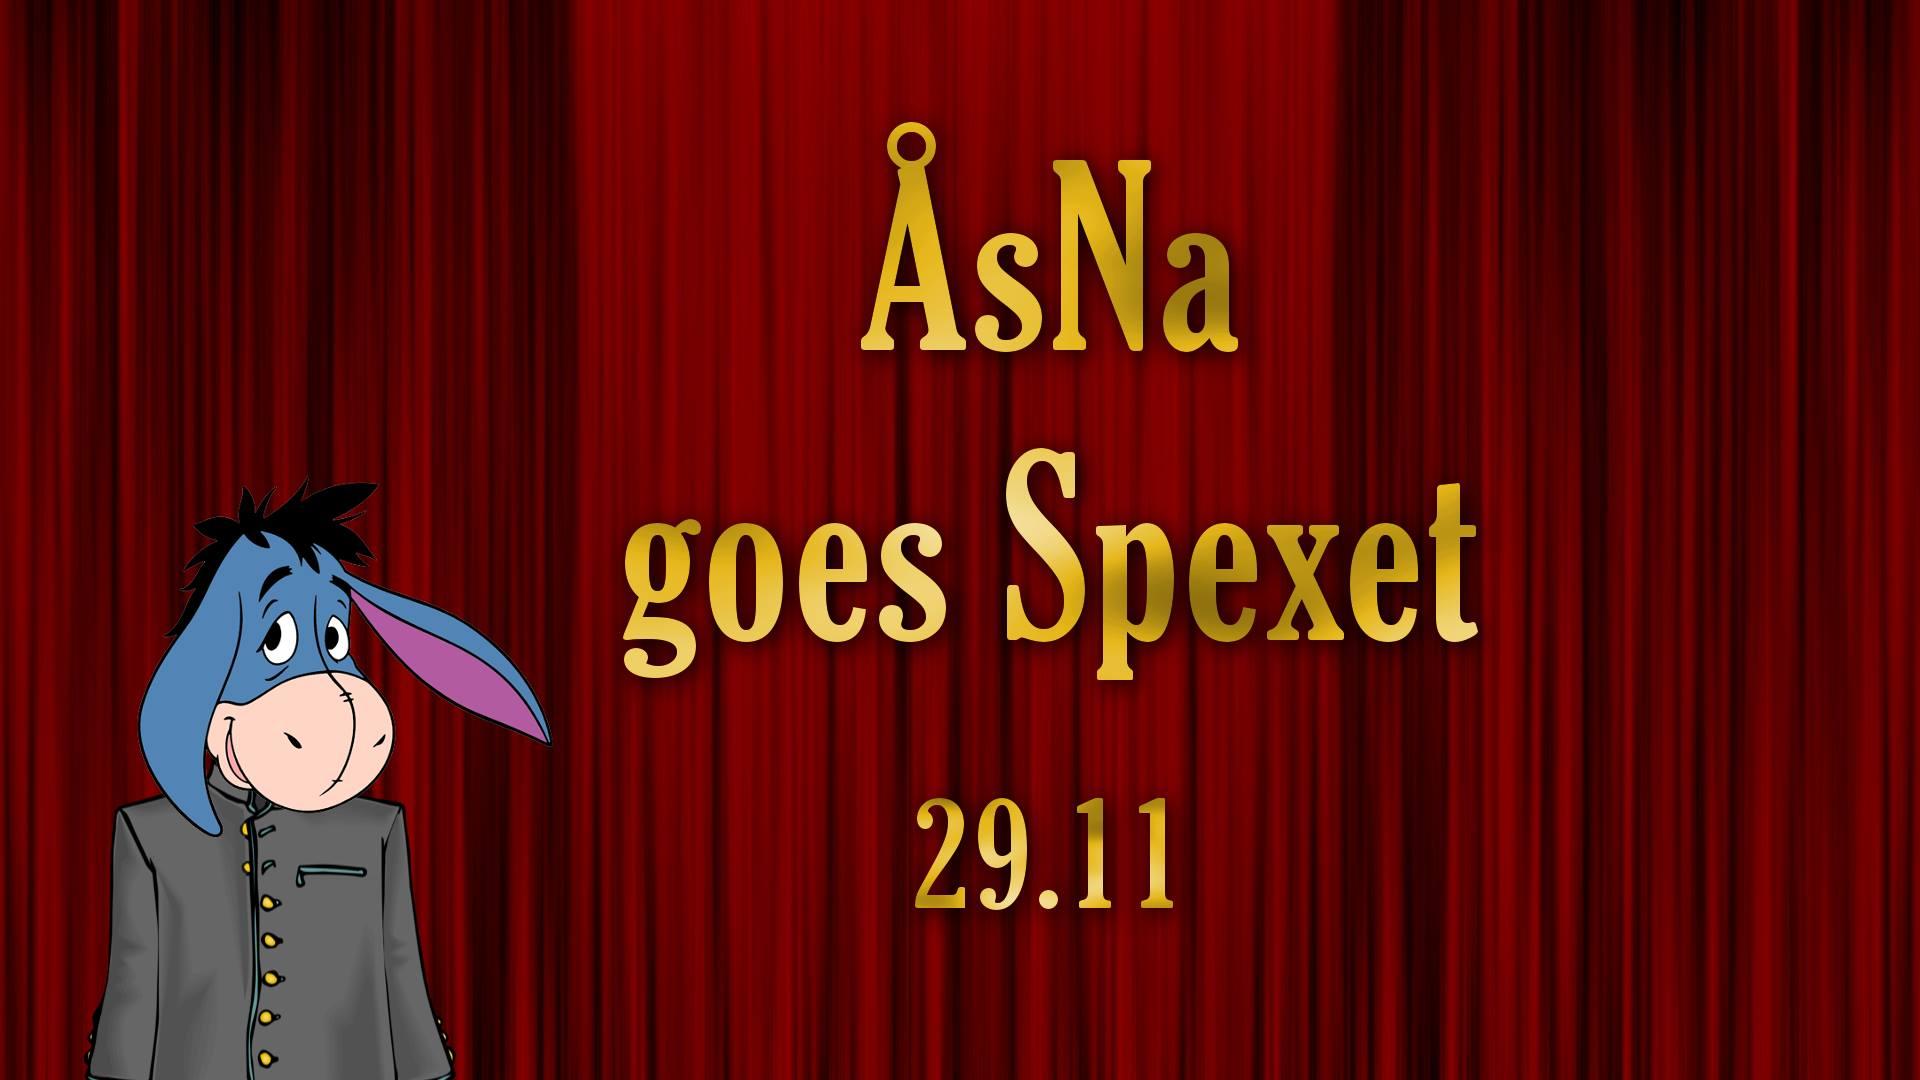 ÅsNa goes Spexet